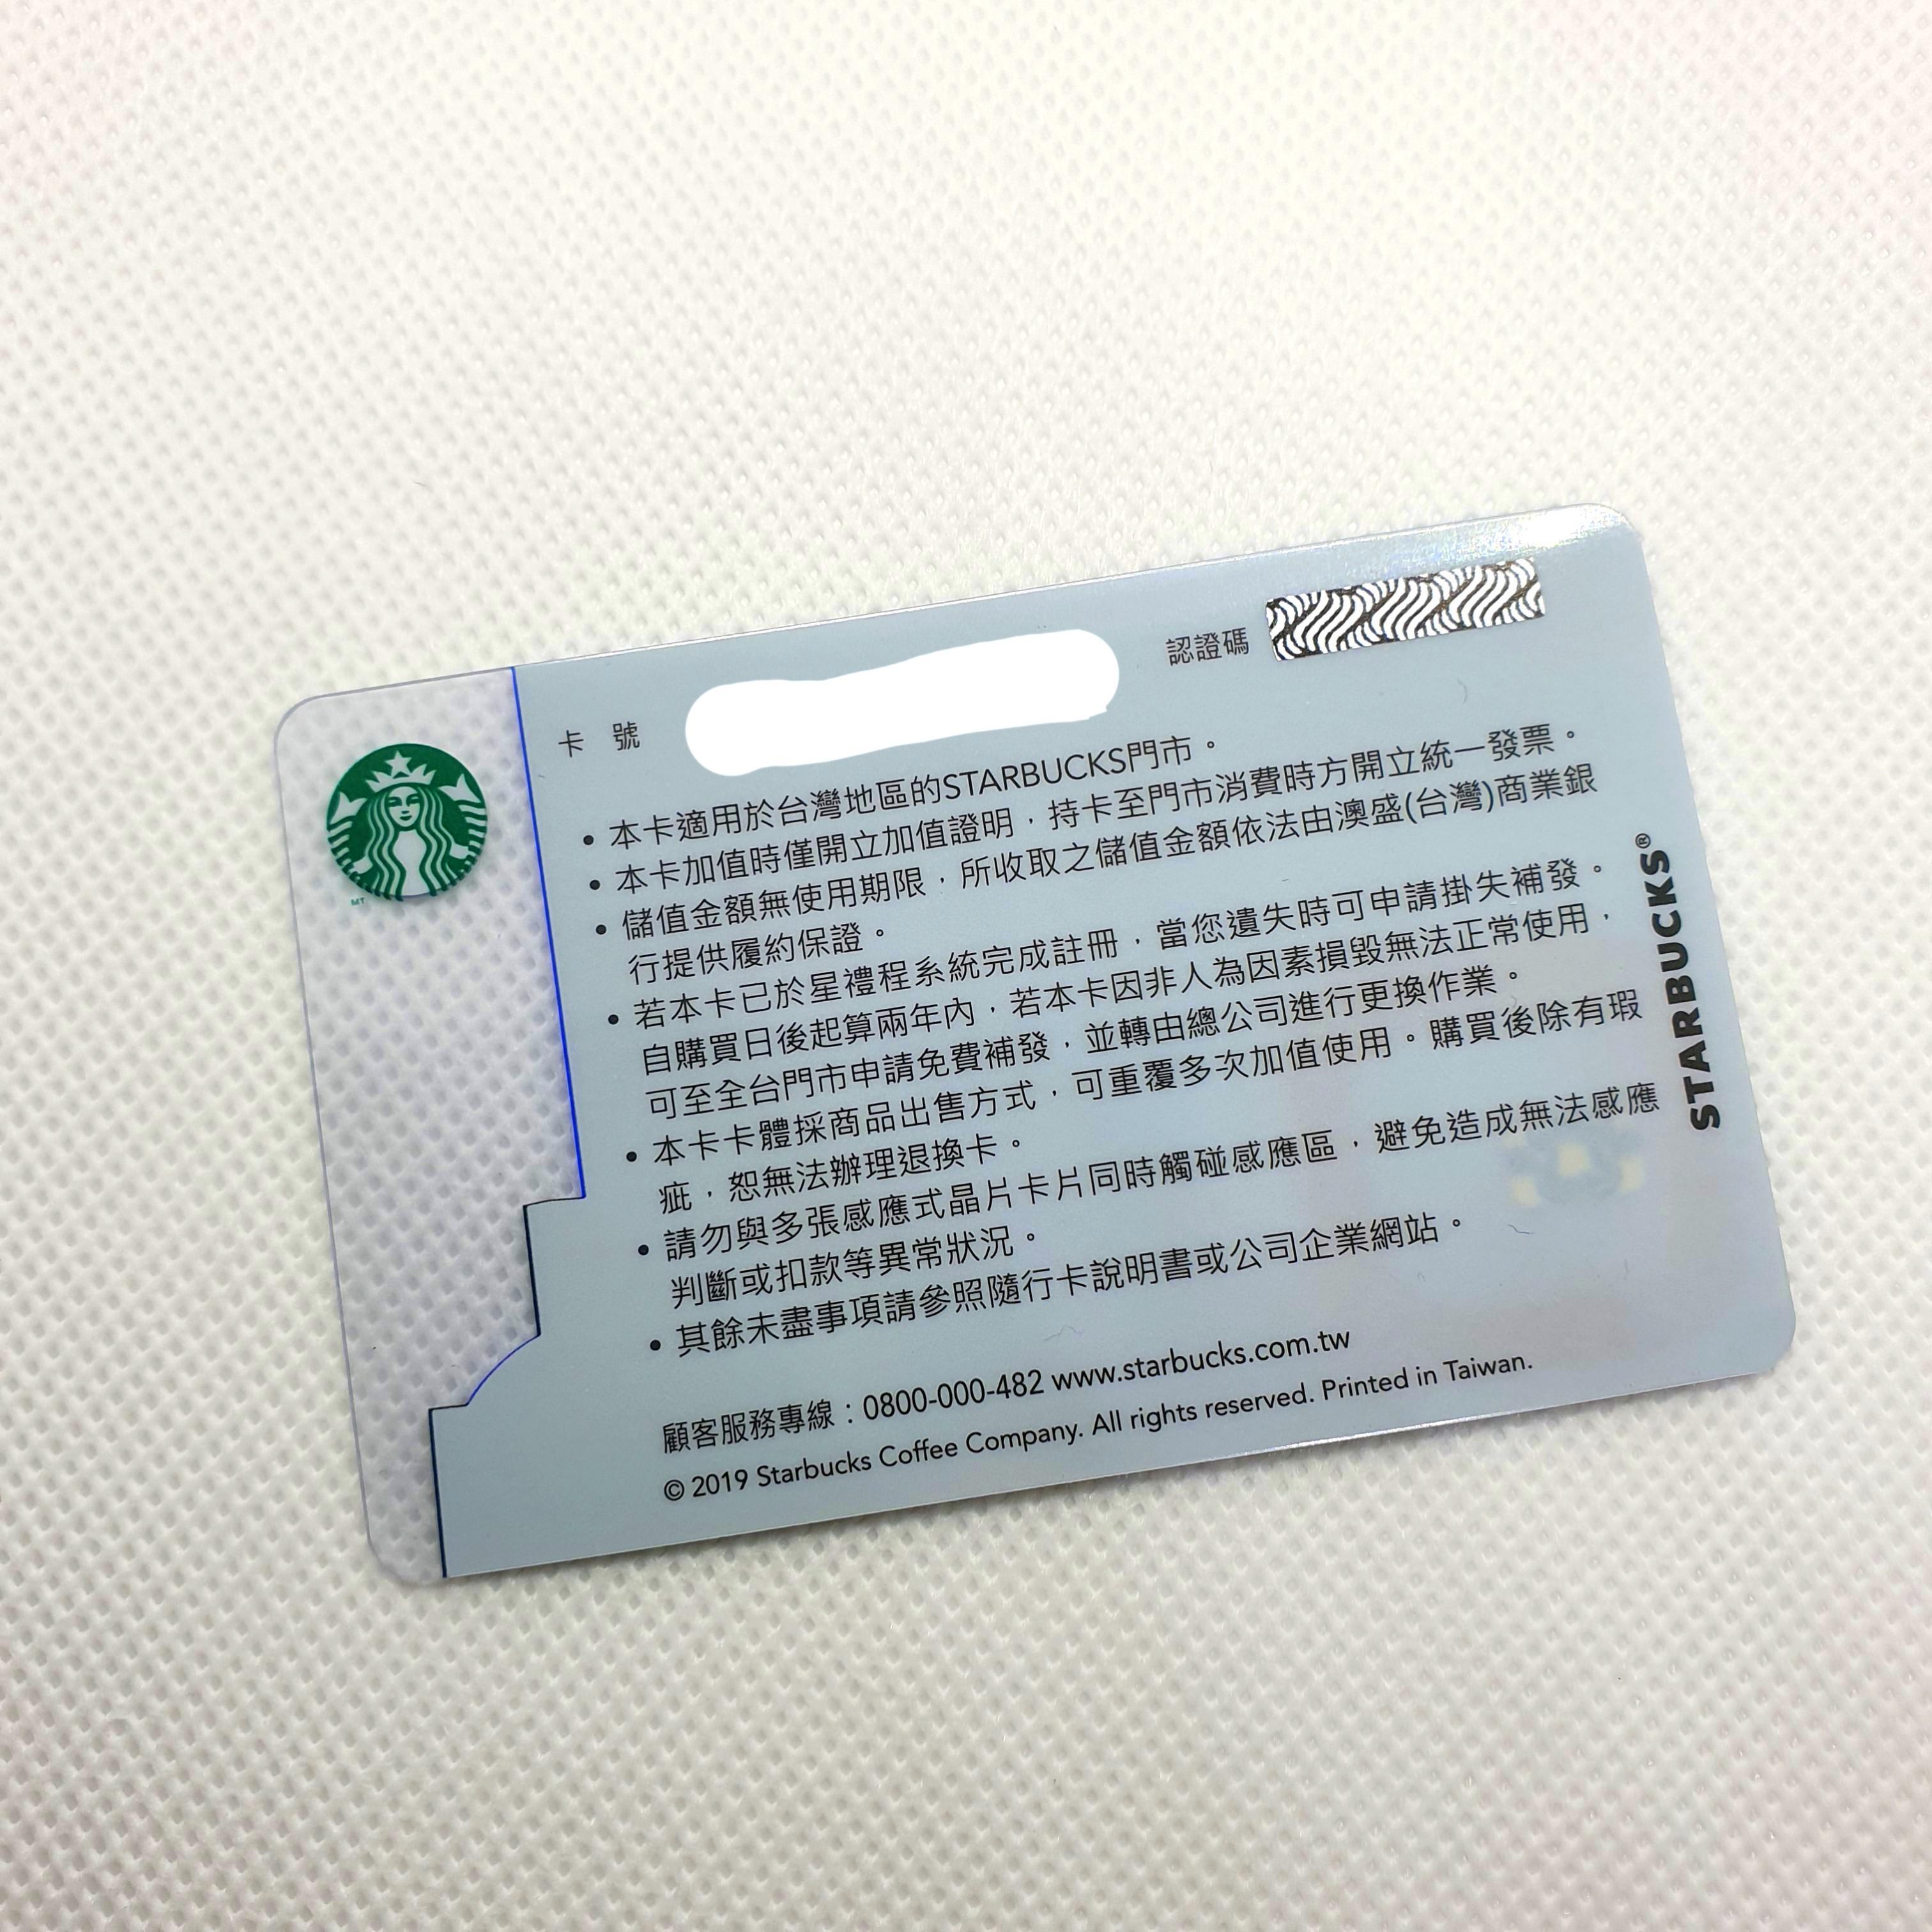 Starbucks Taiwan Limited Edition Starry Night Taipei 101